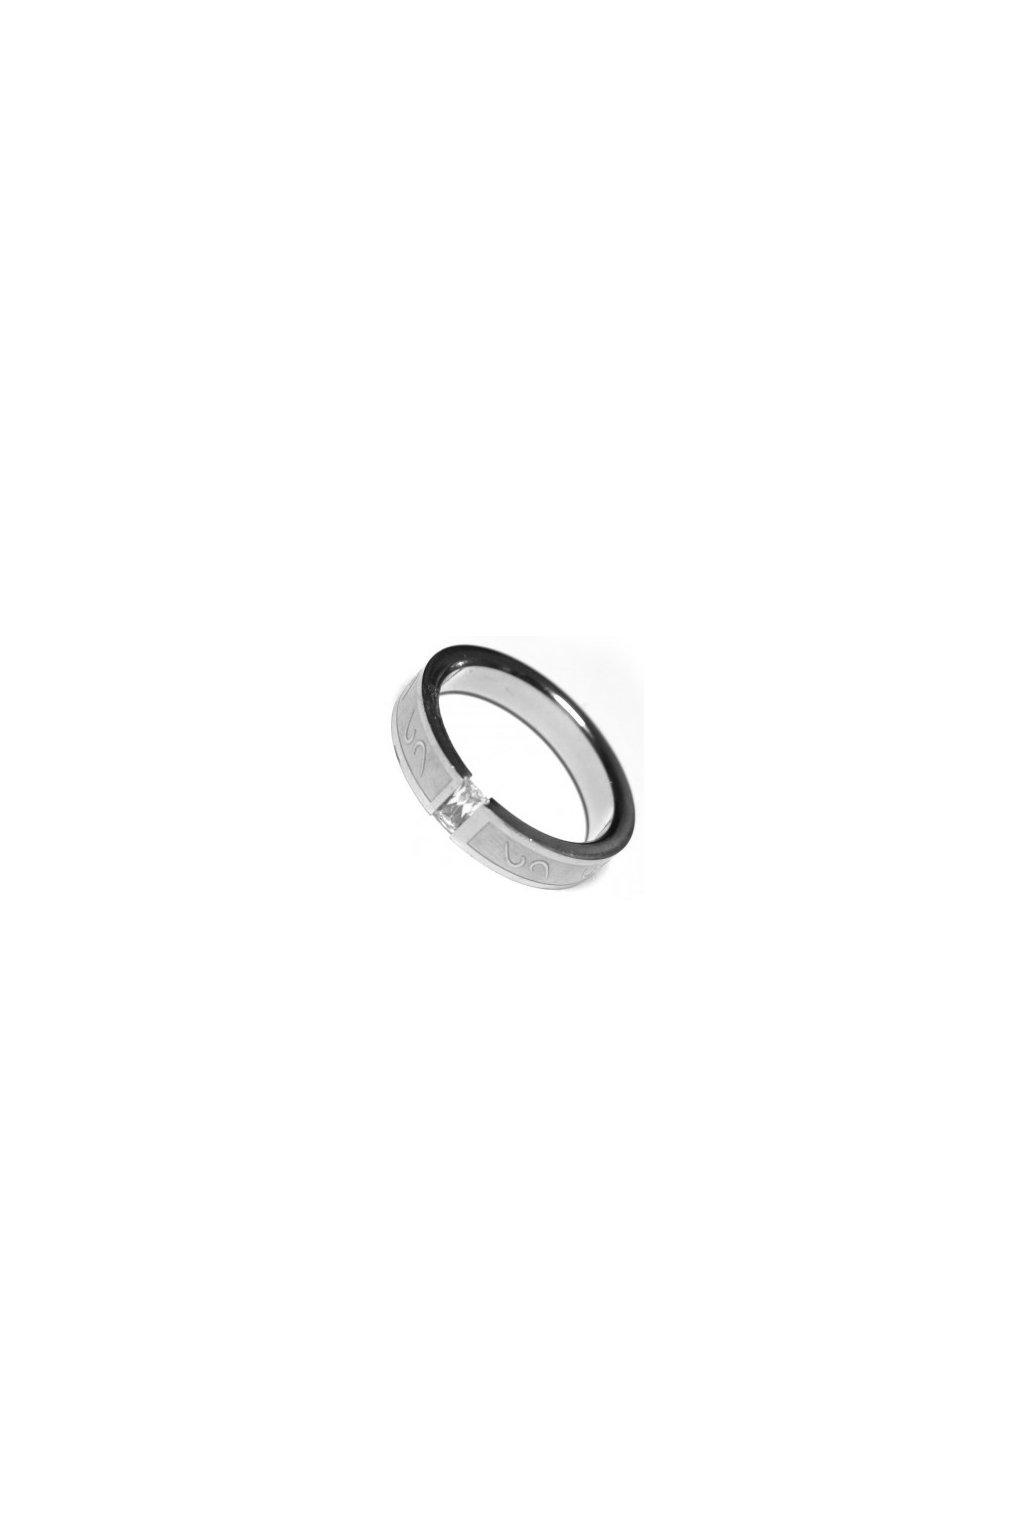 Skalimar Prsten z chirurgické oceli S GRAVÍROVÁNÍM A KŘIŠŤÁLKEM 212012